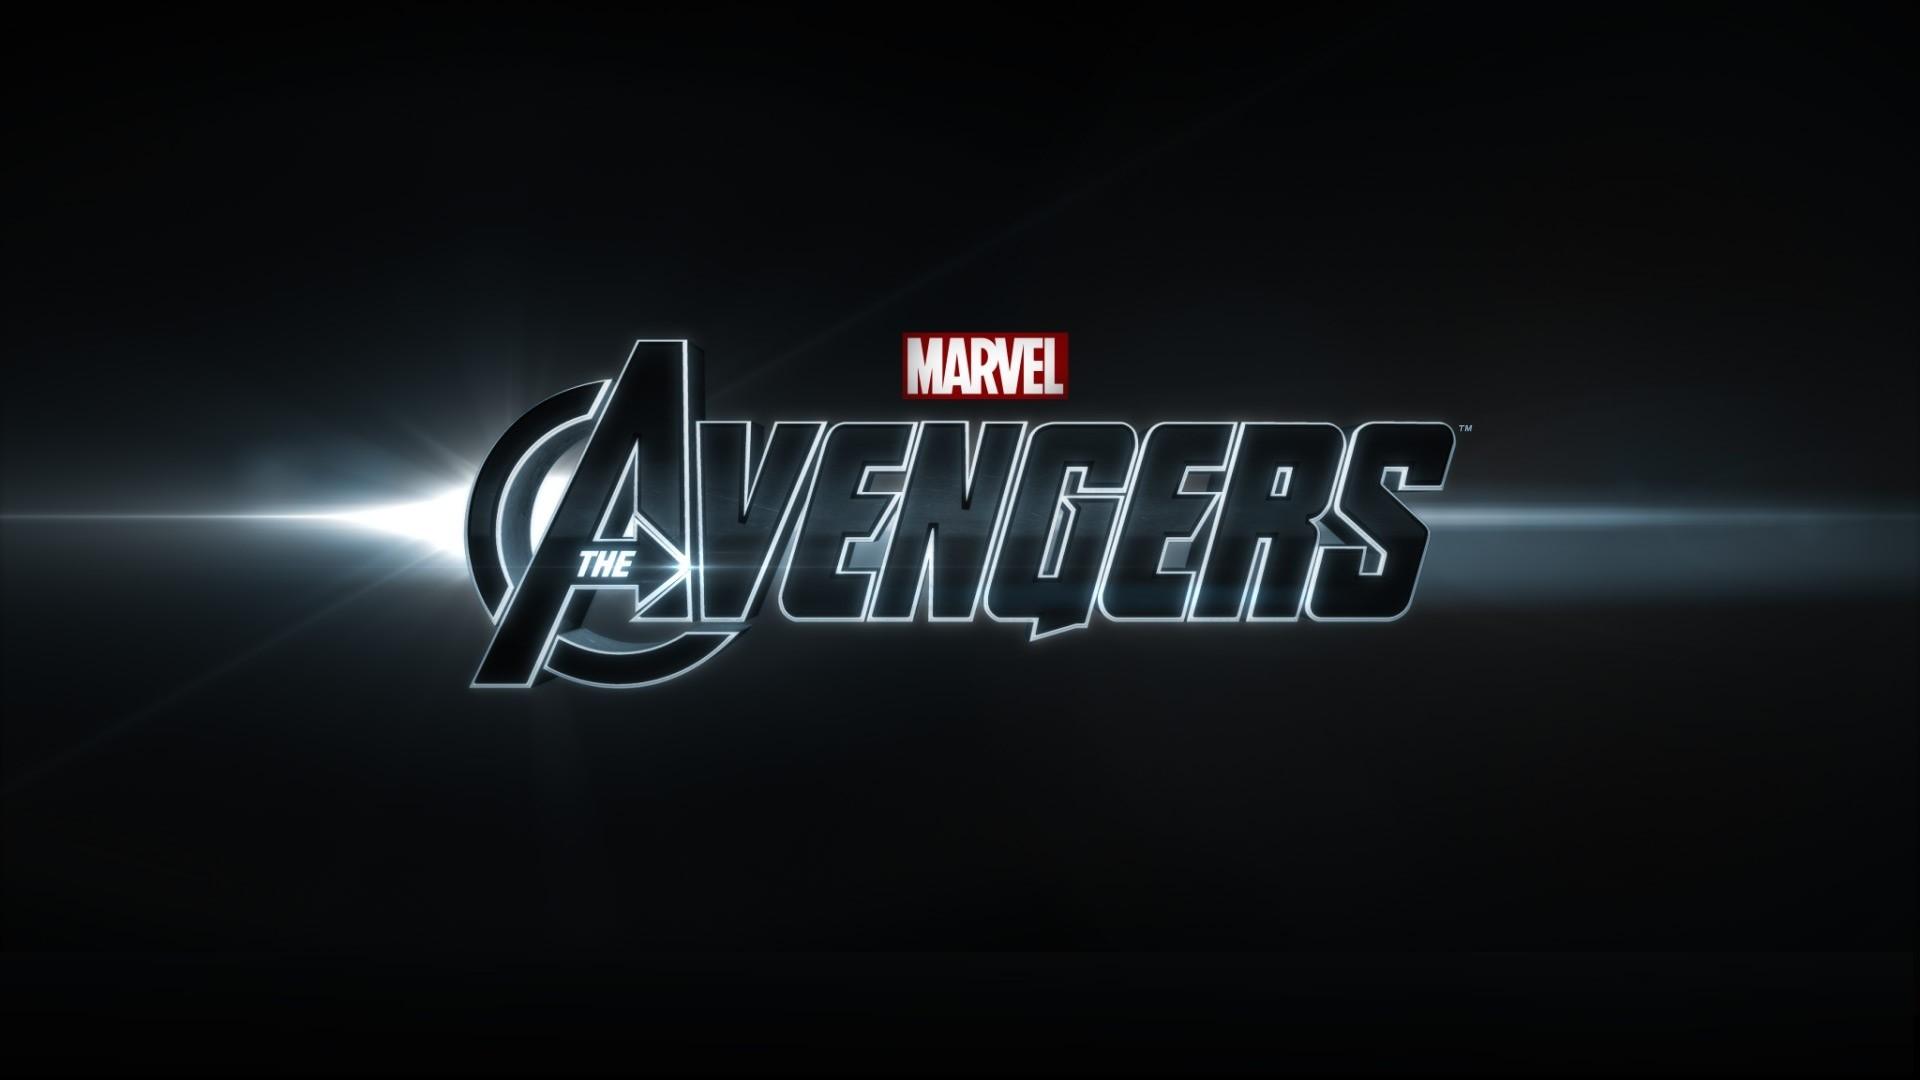 Res: 1920x1080, avengers logo wallpaper #790518